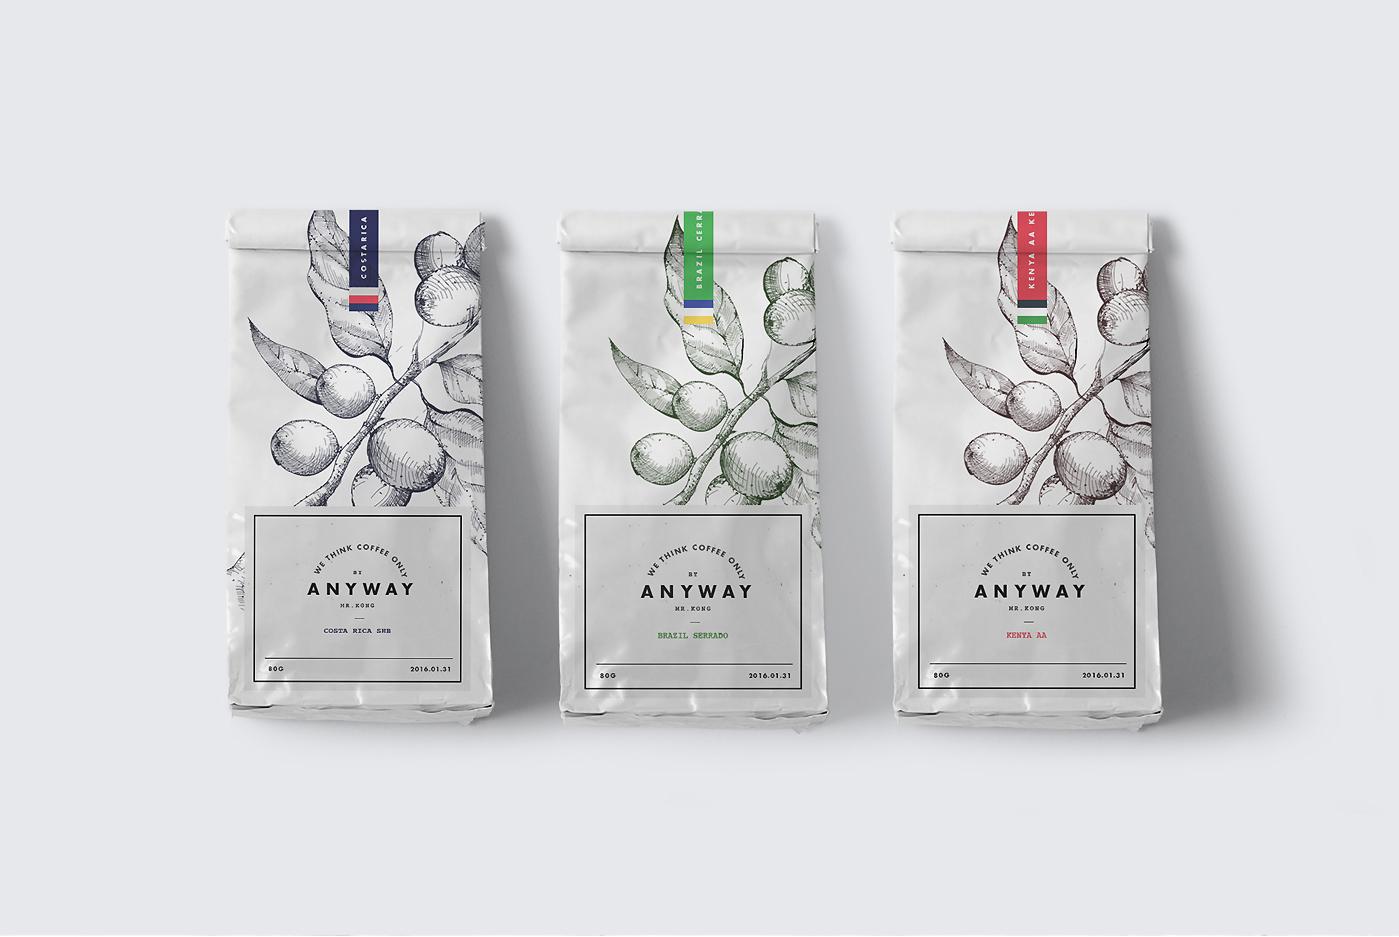 애니웨이 커피 종류